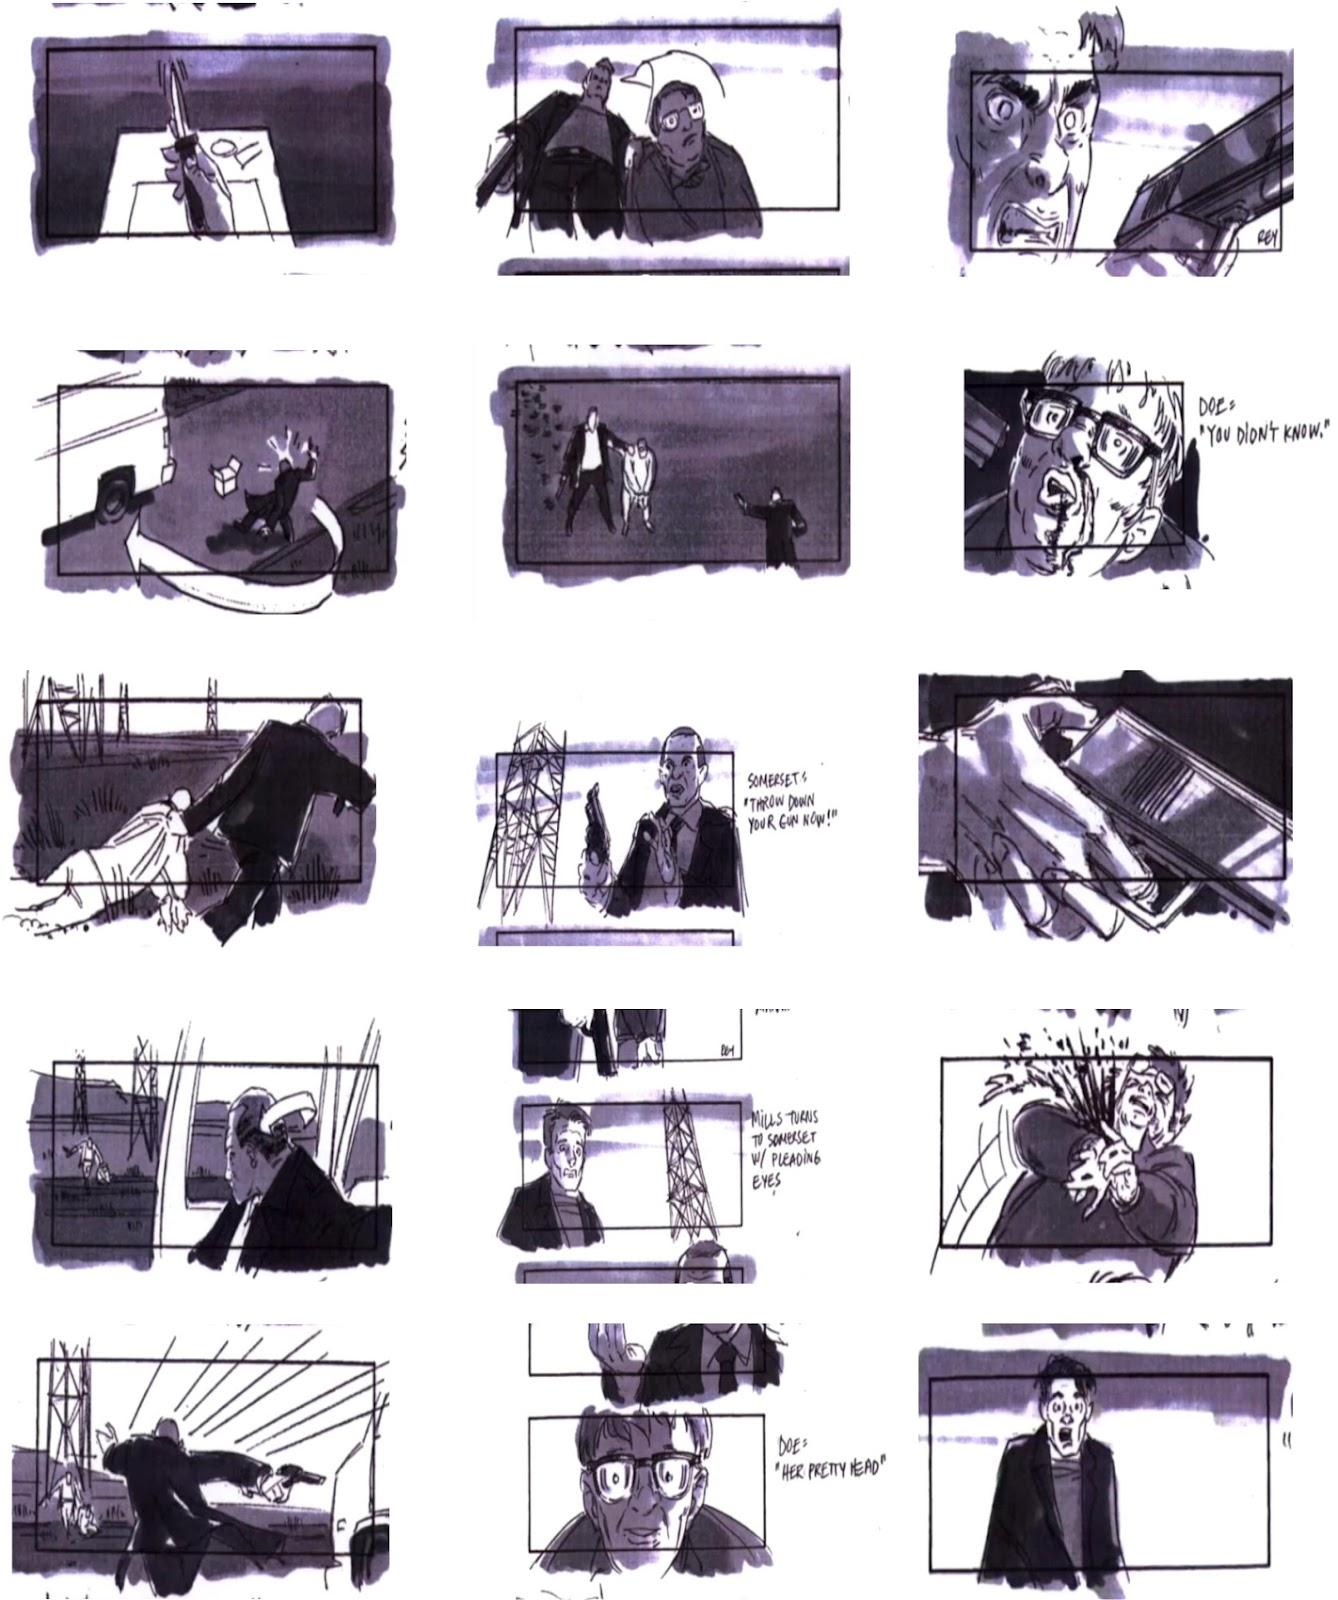 http://3.bp.blogspot.com/-LDoJ4iGAwKY/UB1KVi86EDI/AAAAAAAAAUU/DY3jwxwx5FM/s1600/Storyboard+-+Se7en+-++The+Box.JPG